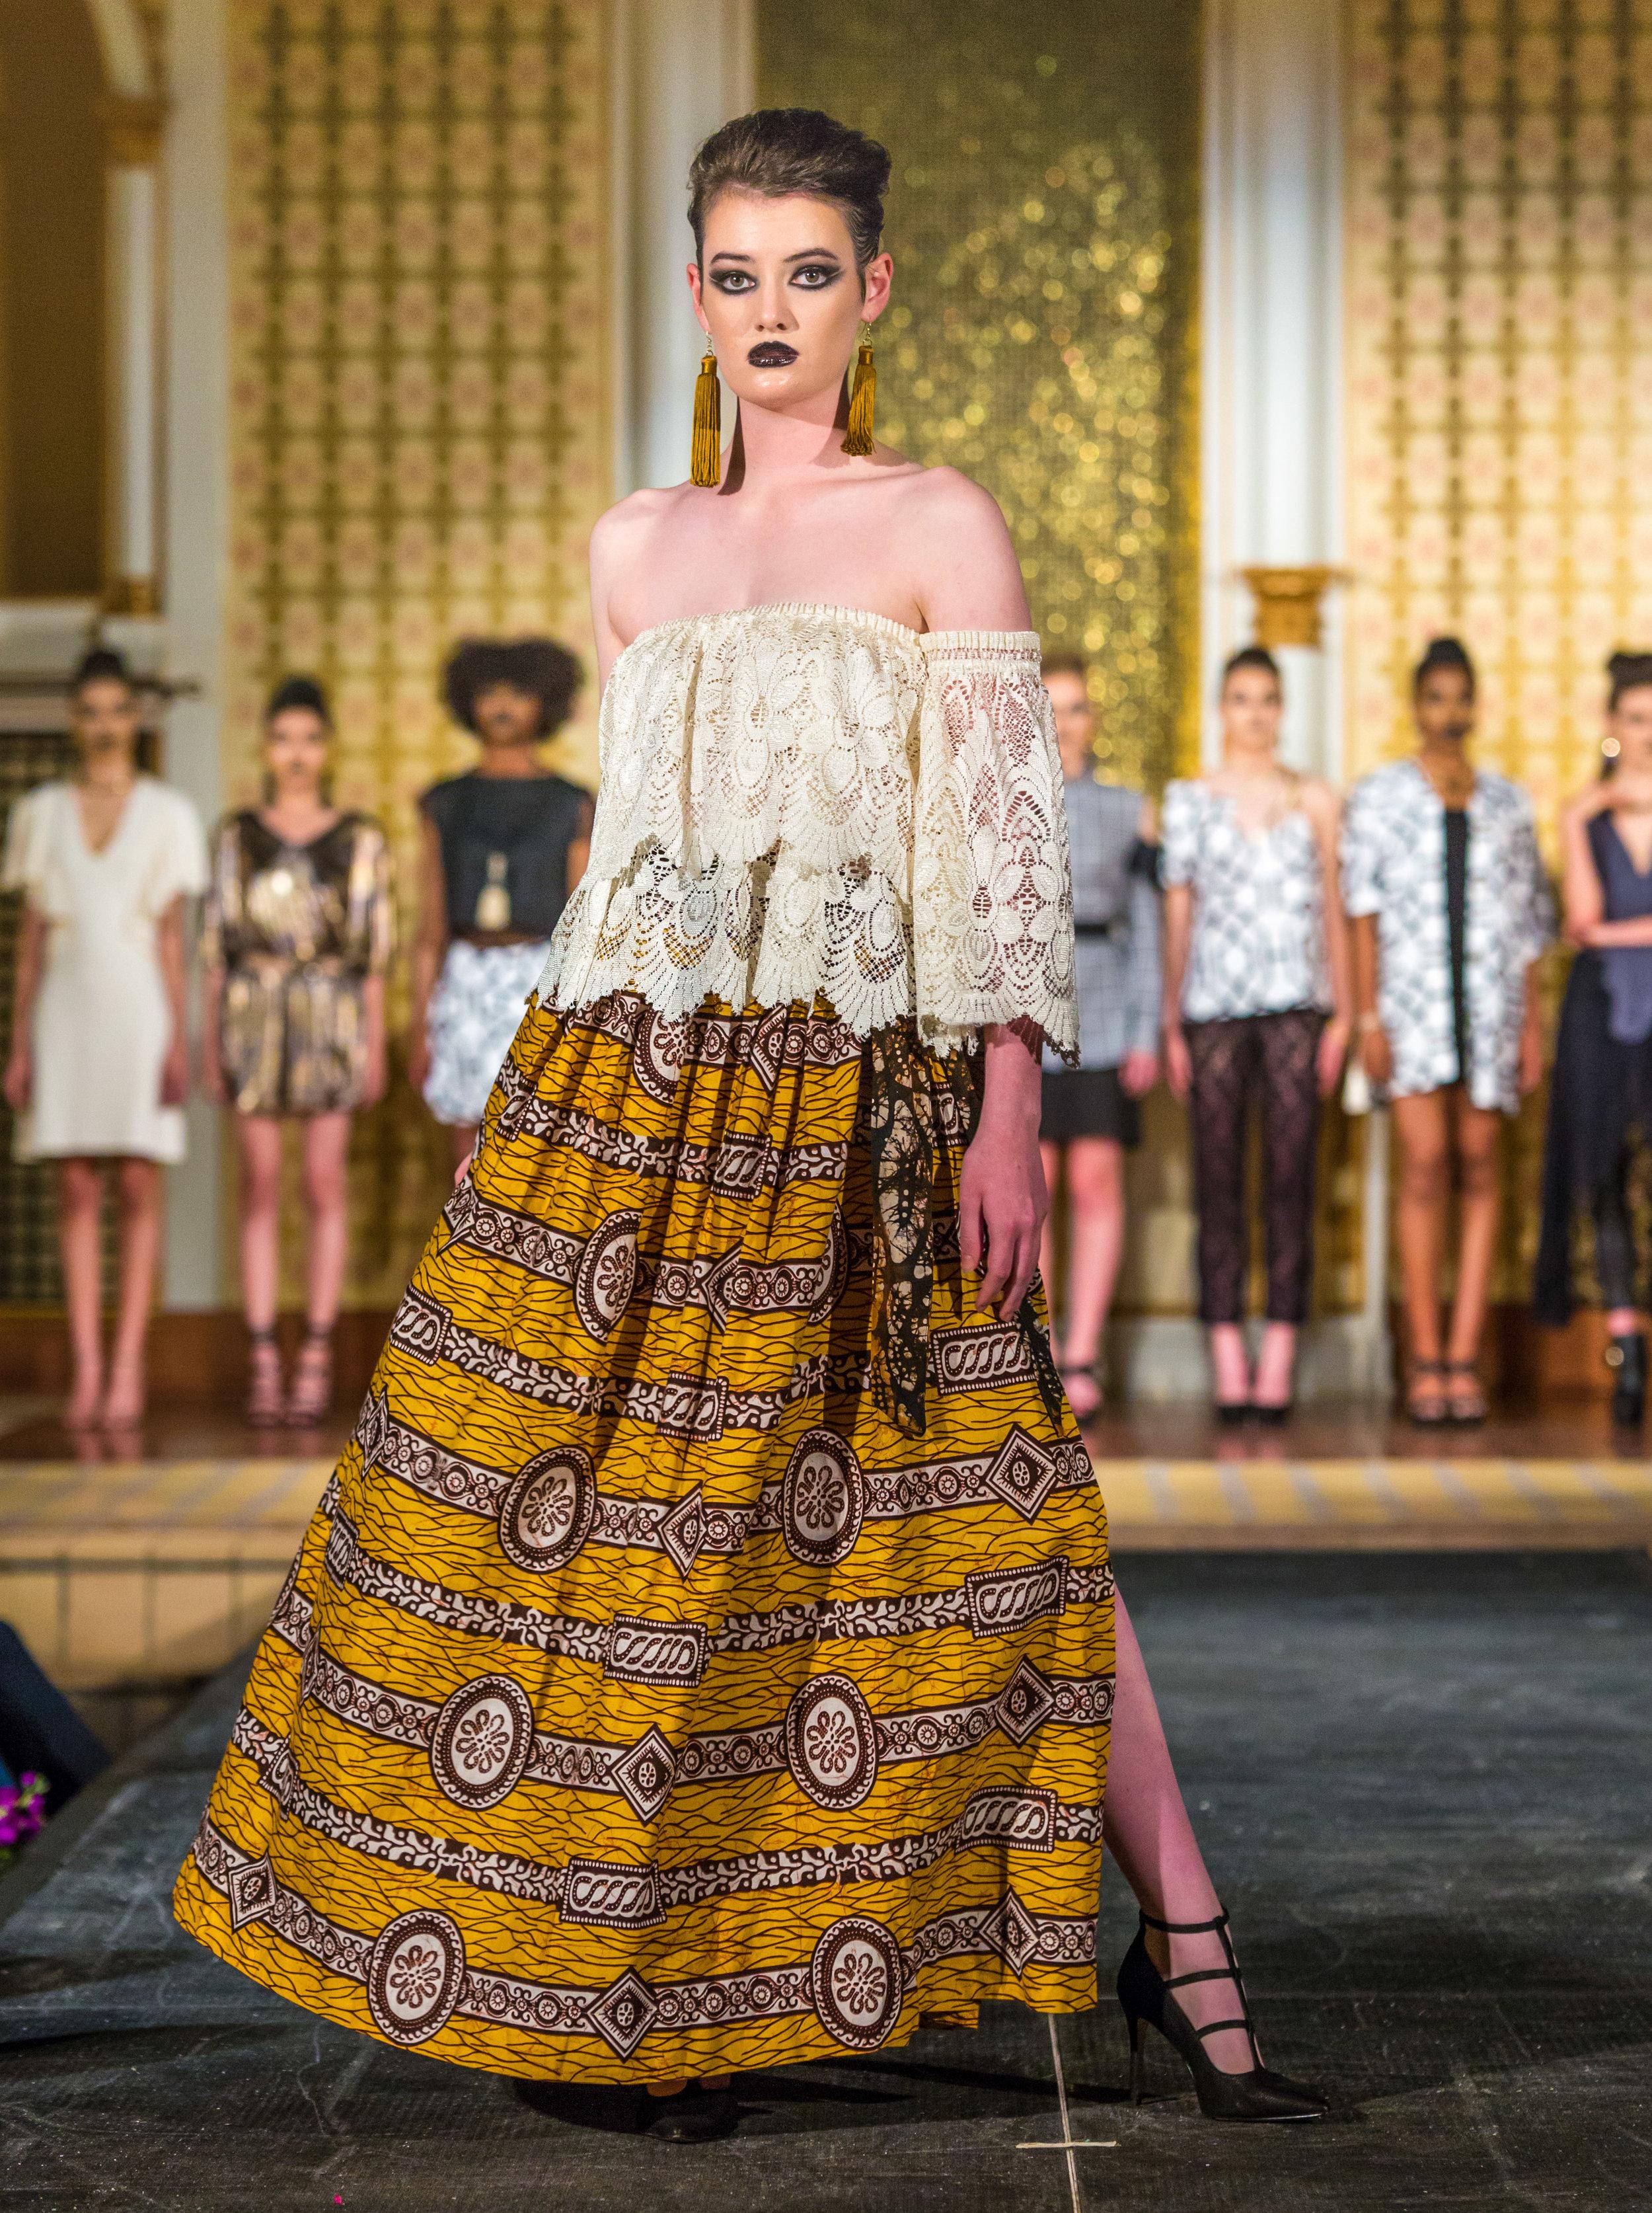 Carla Elese Luv Carla Fashion-96.jpg